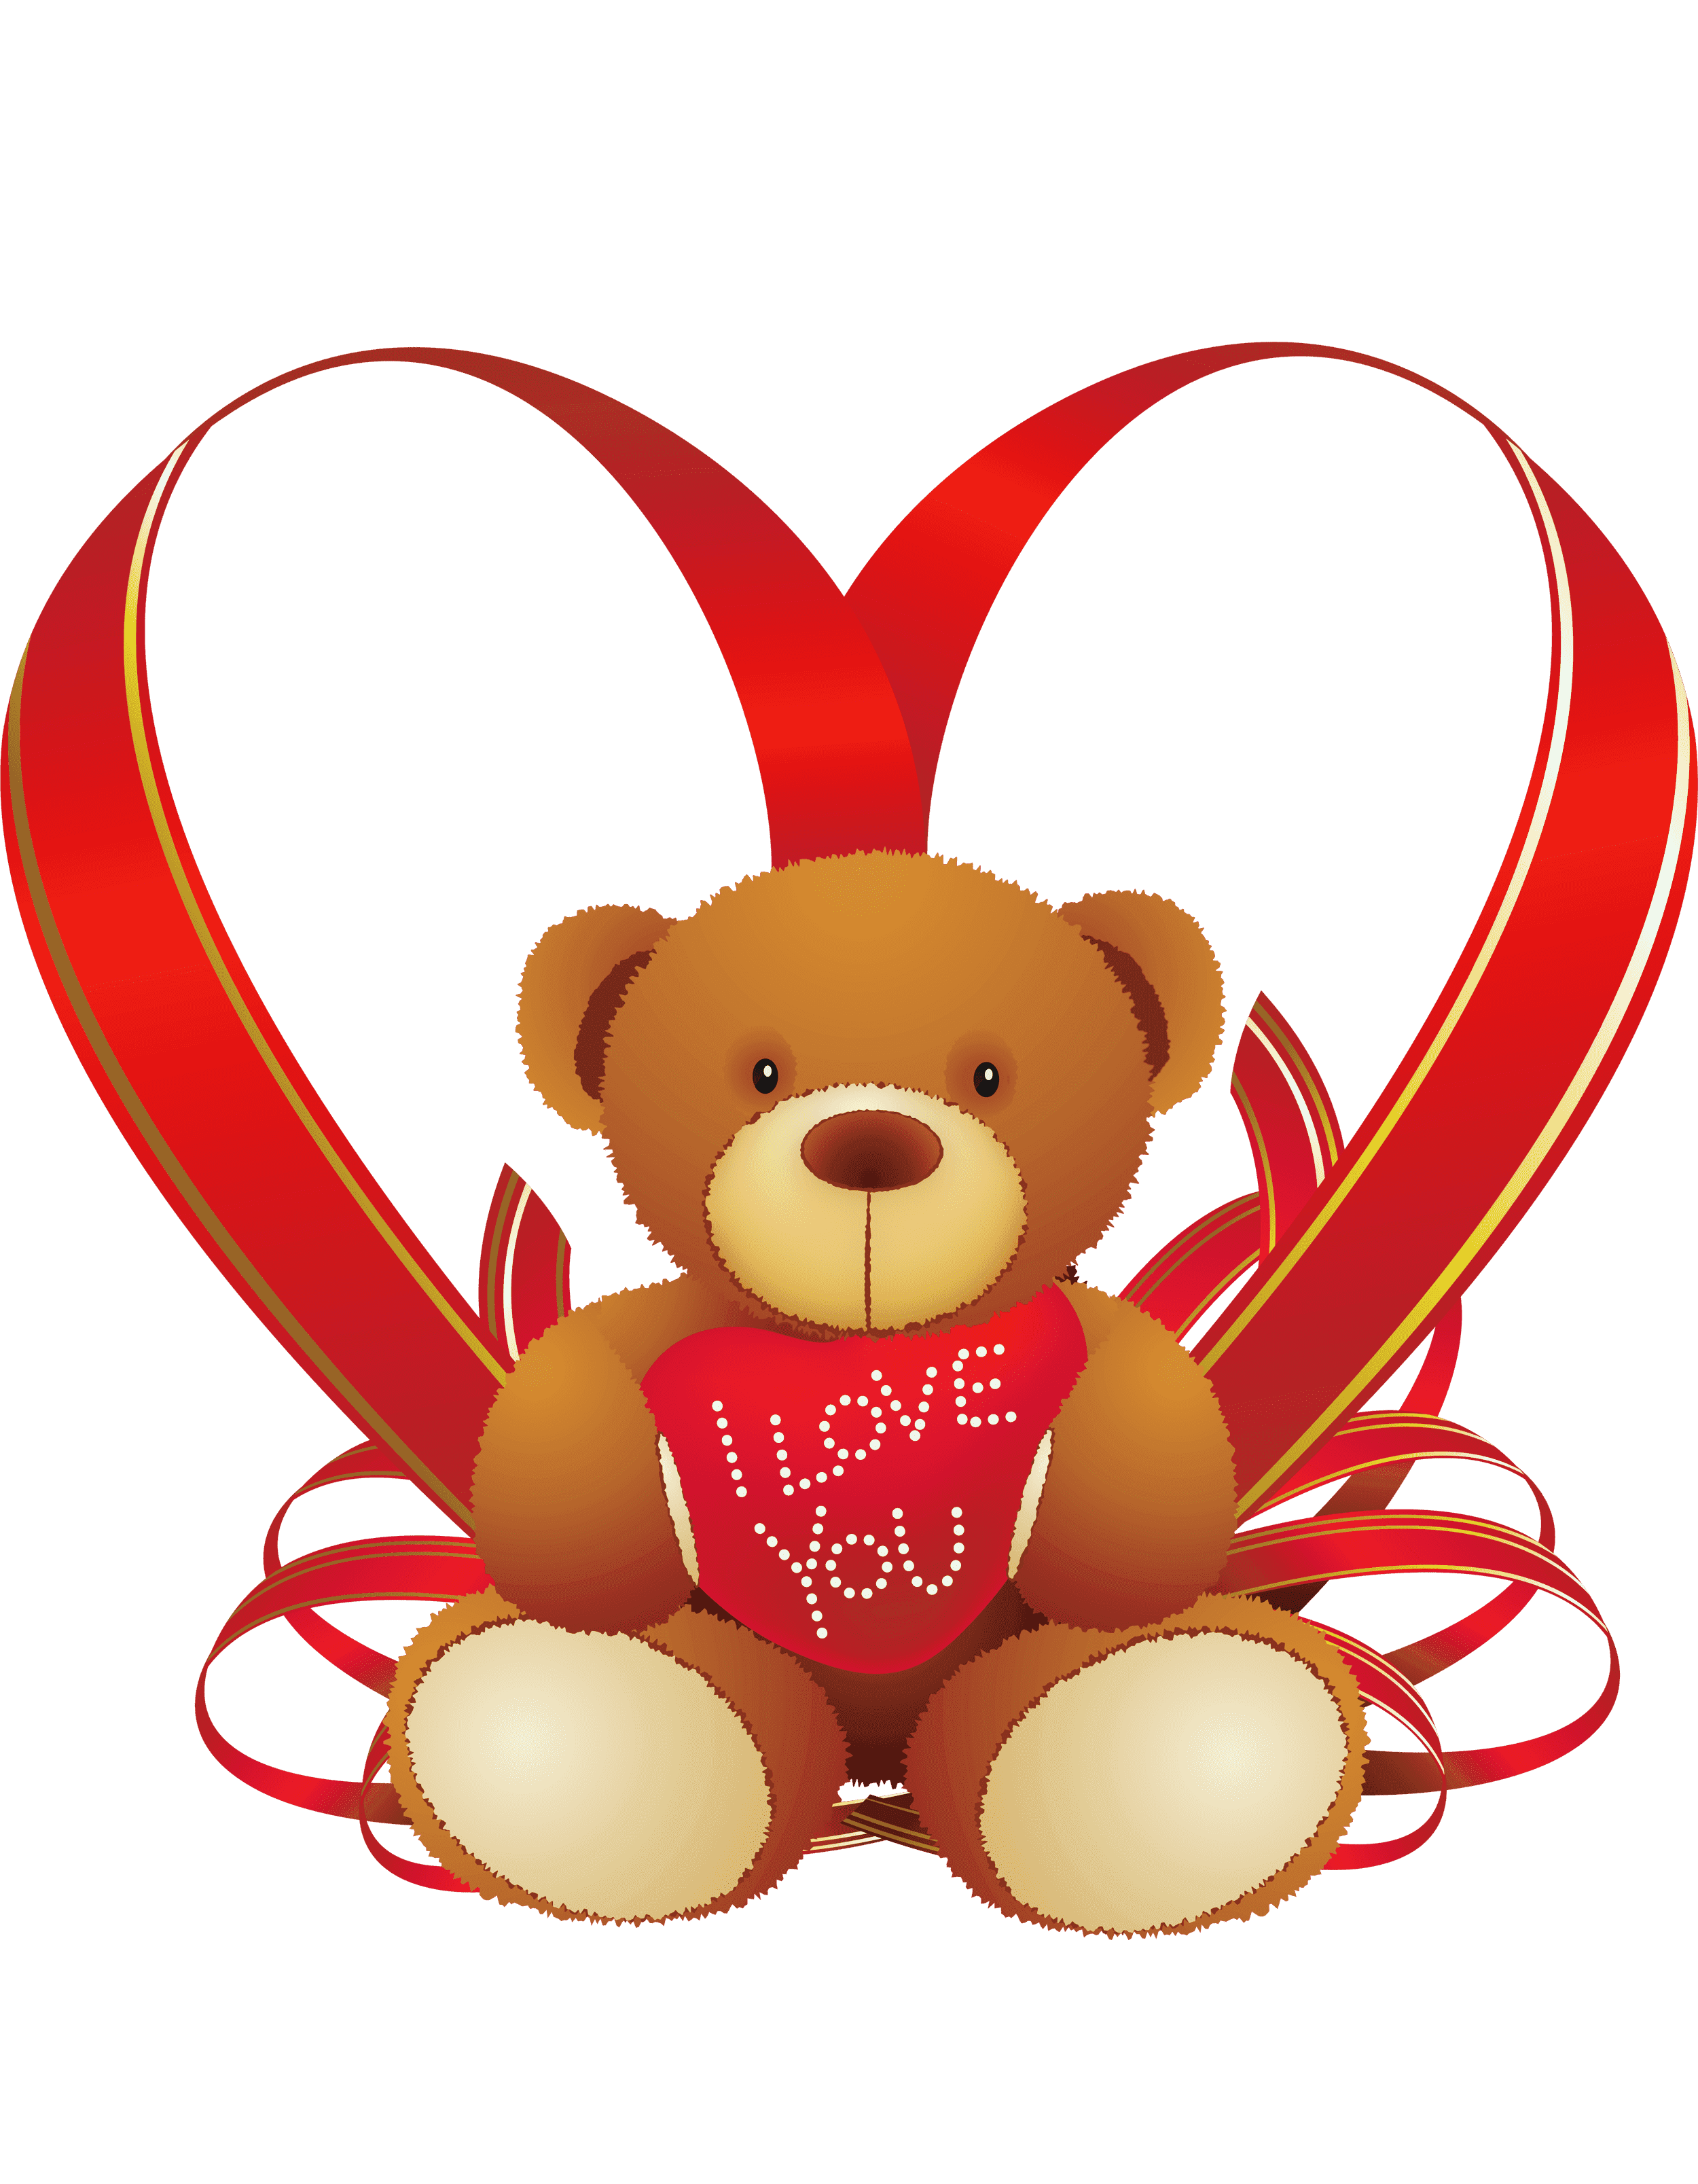 Раскраска С Днем Валентина | 14 Февраля